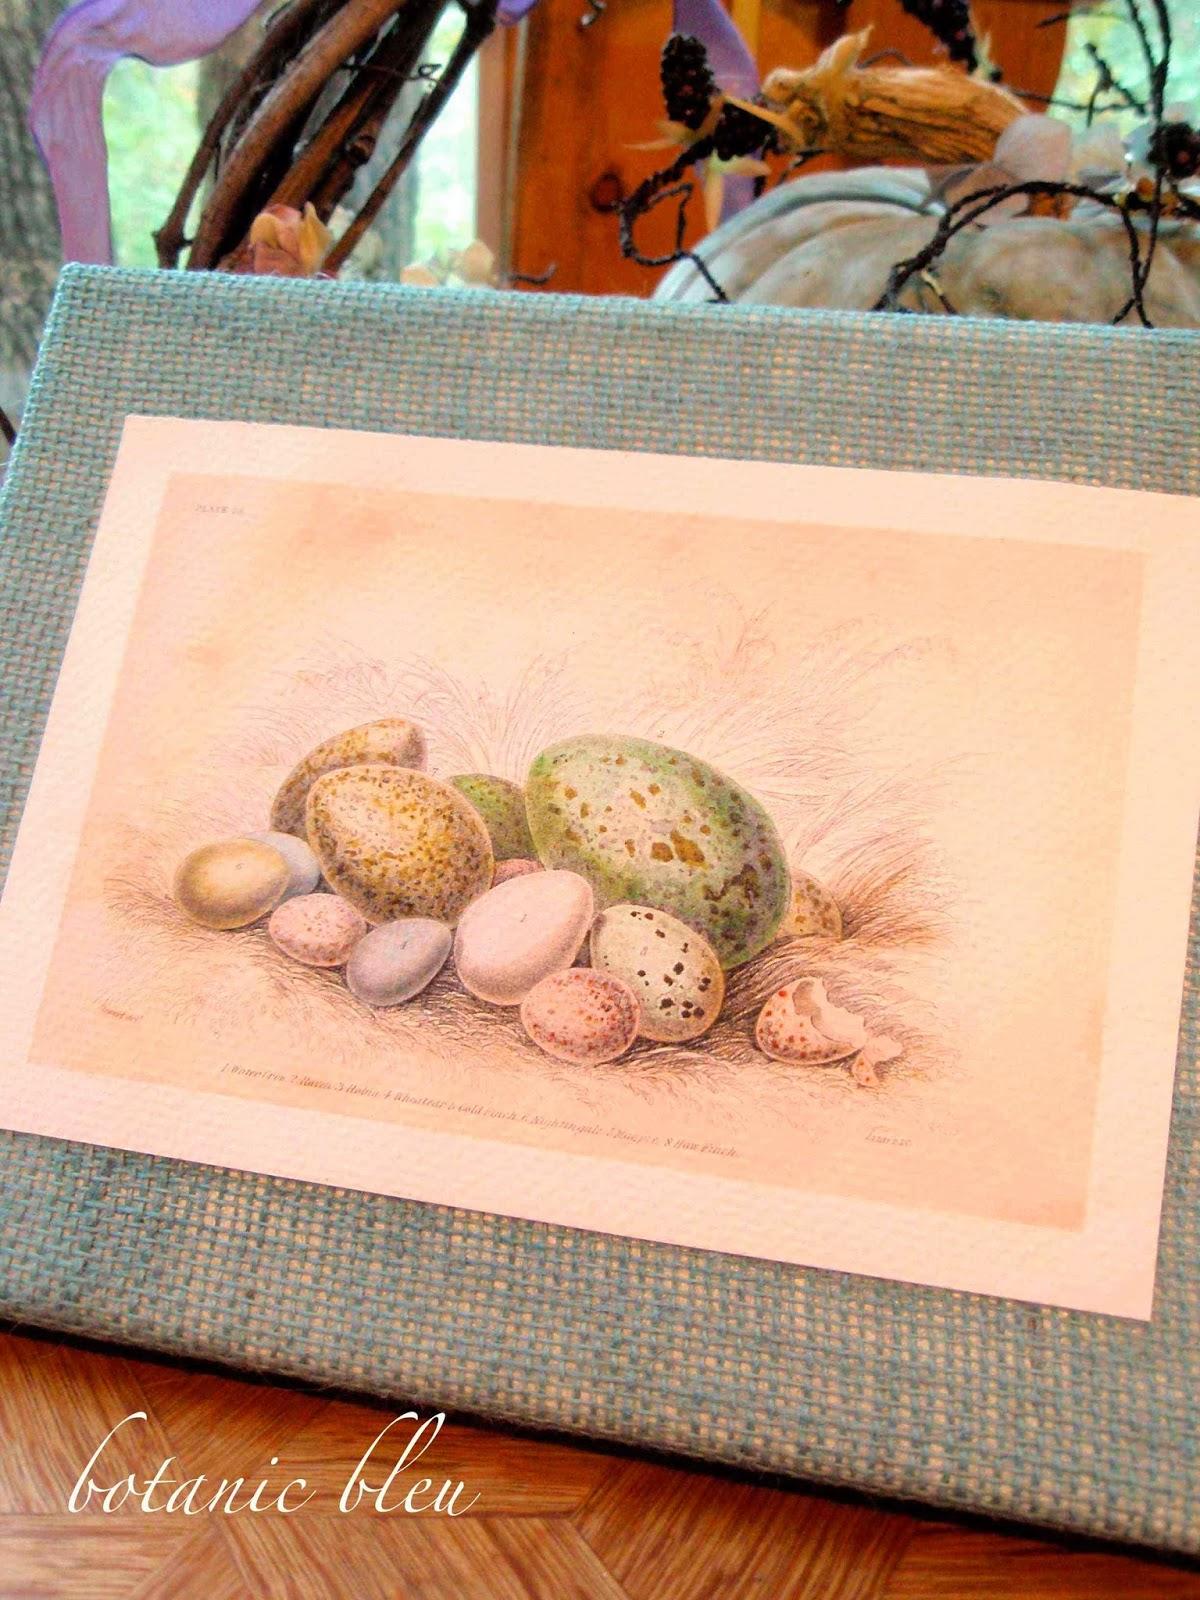 botanic bleu burlap canvas egg prints